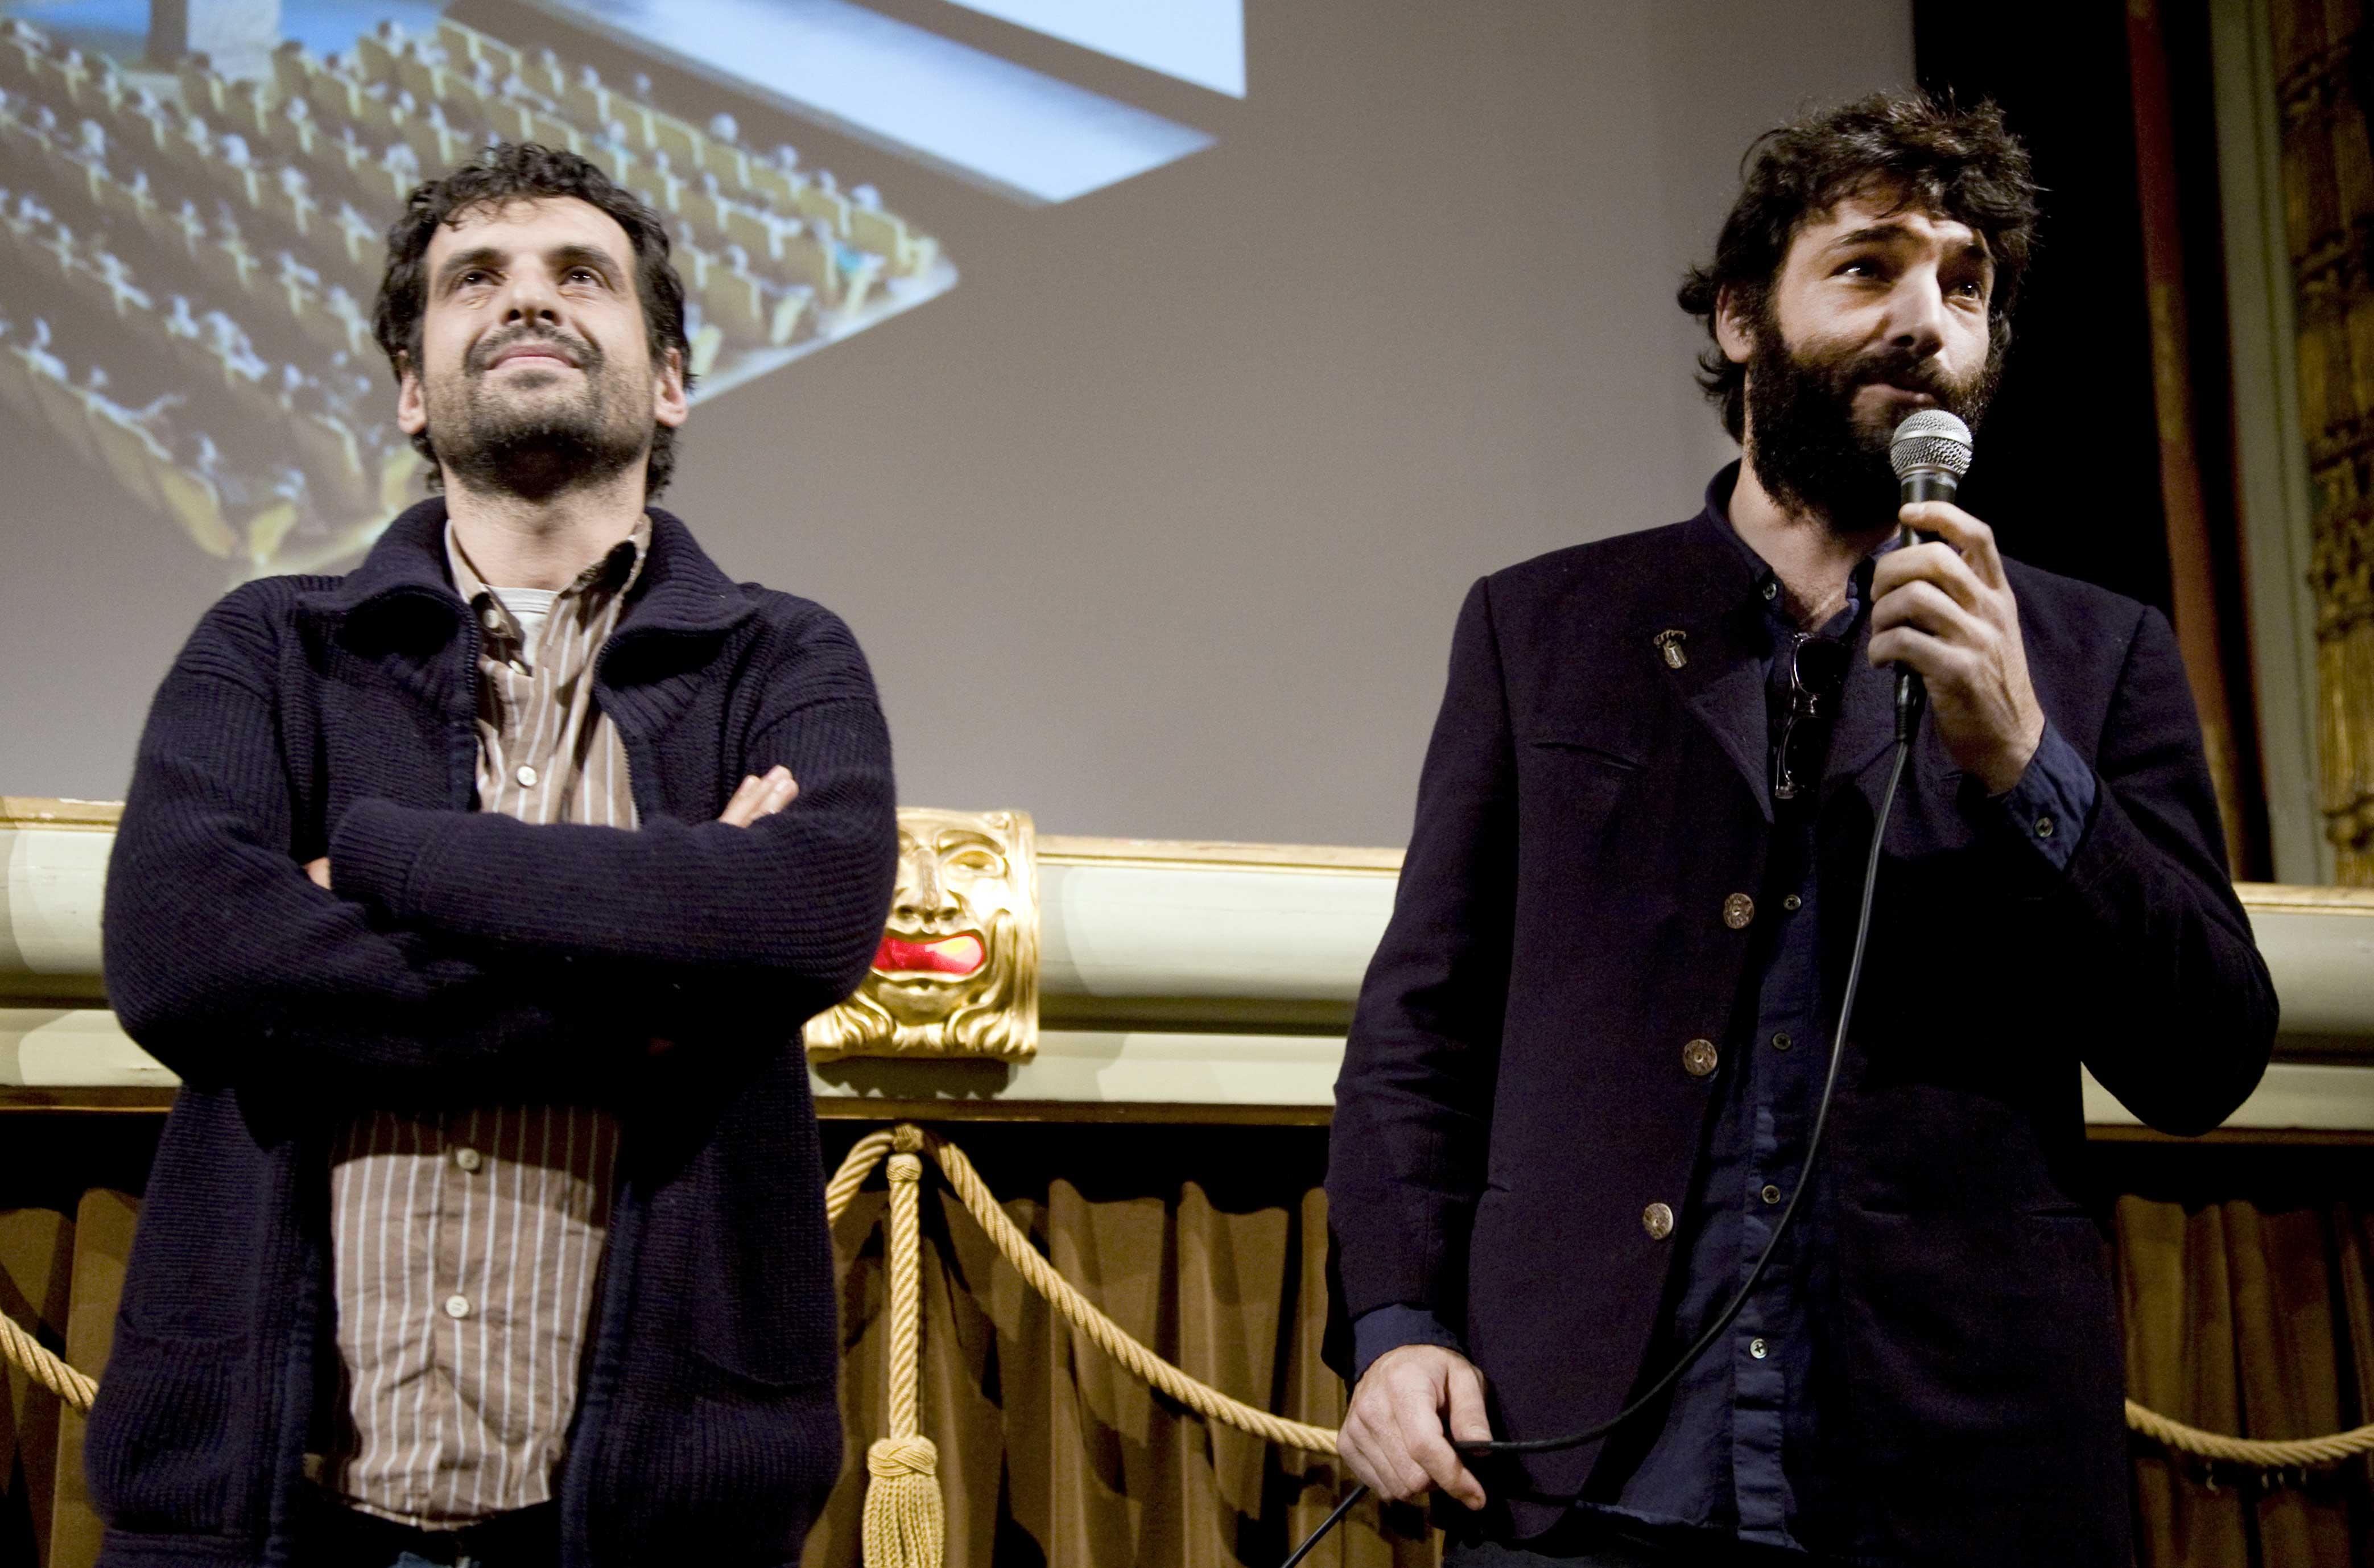 Home_Andrea-Masu-e-Paoluca-Barbieri-Marchi-di-Alterazioni-Video-vincitori-del-Premio-Lo-schermo-dellarte-2011